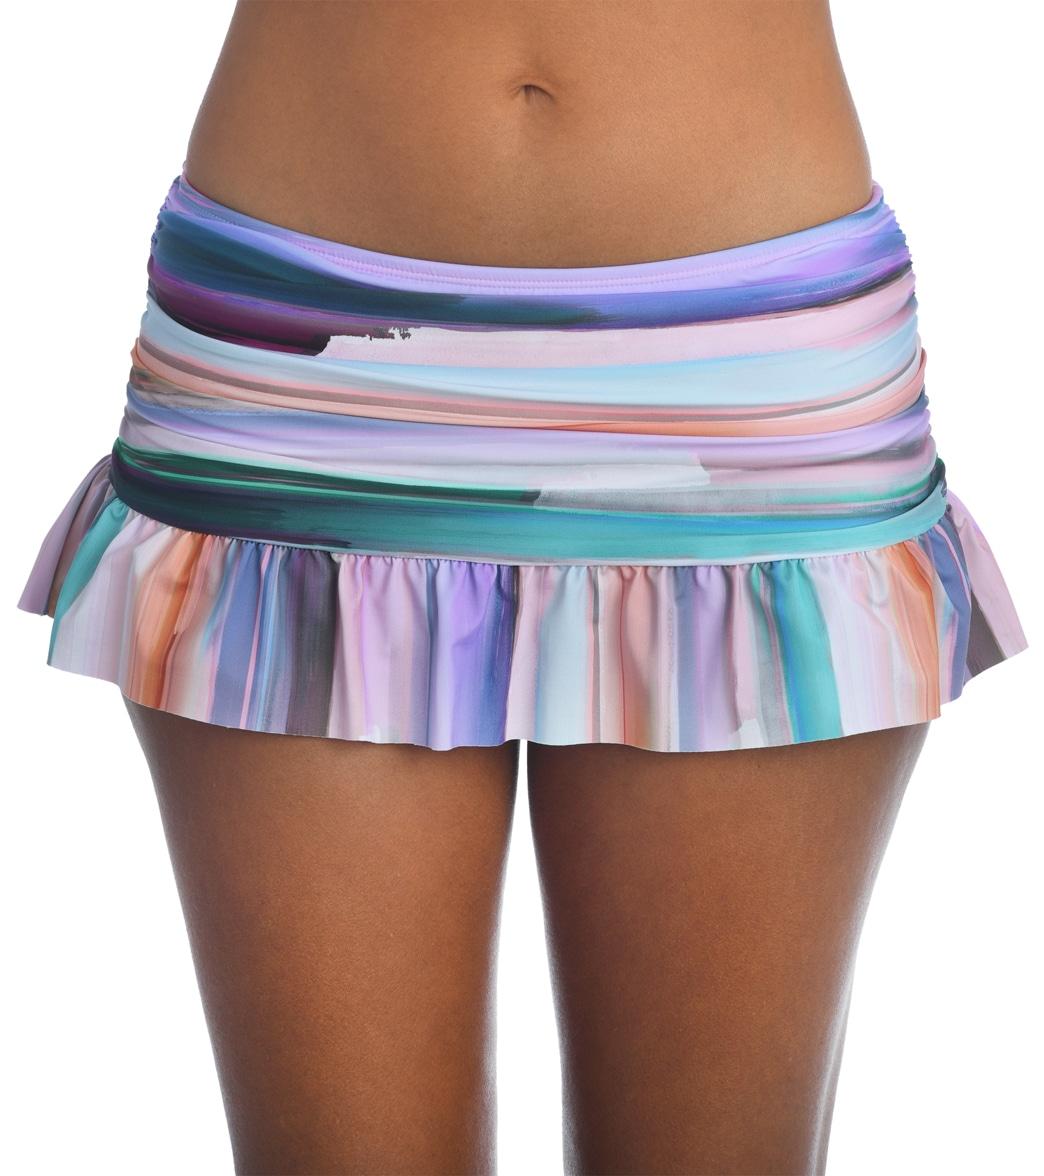 La Blanca Women's Ocean Tides Ruffle Skirt